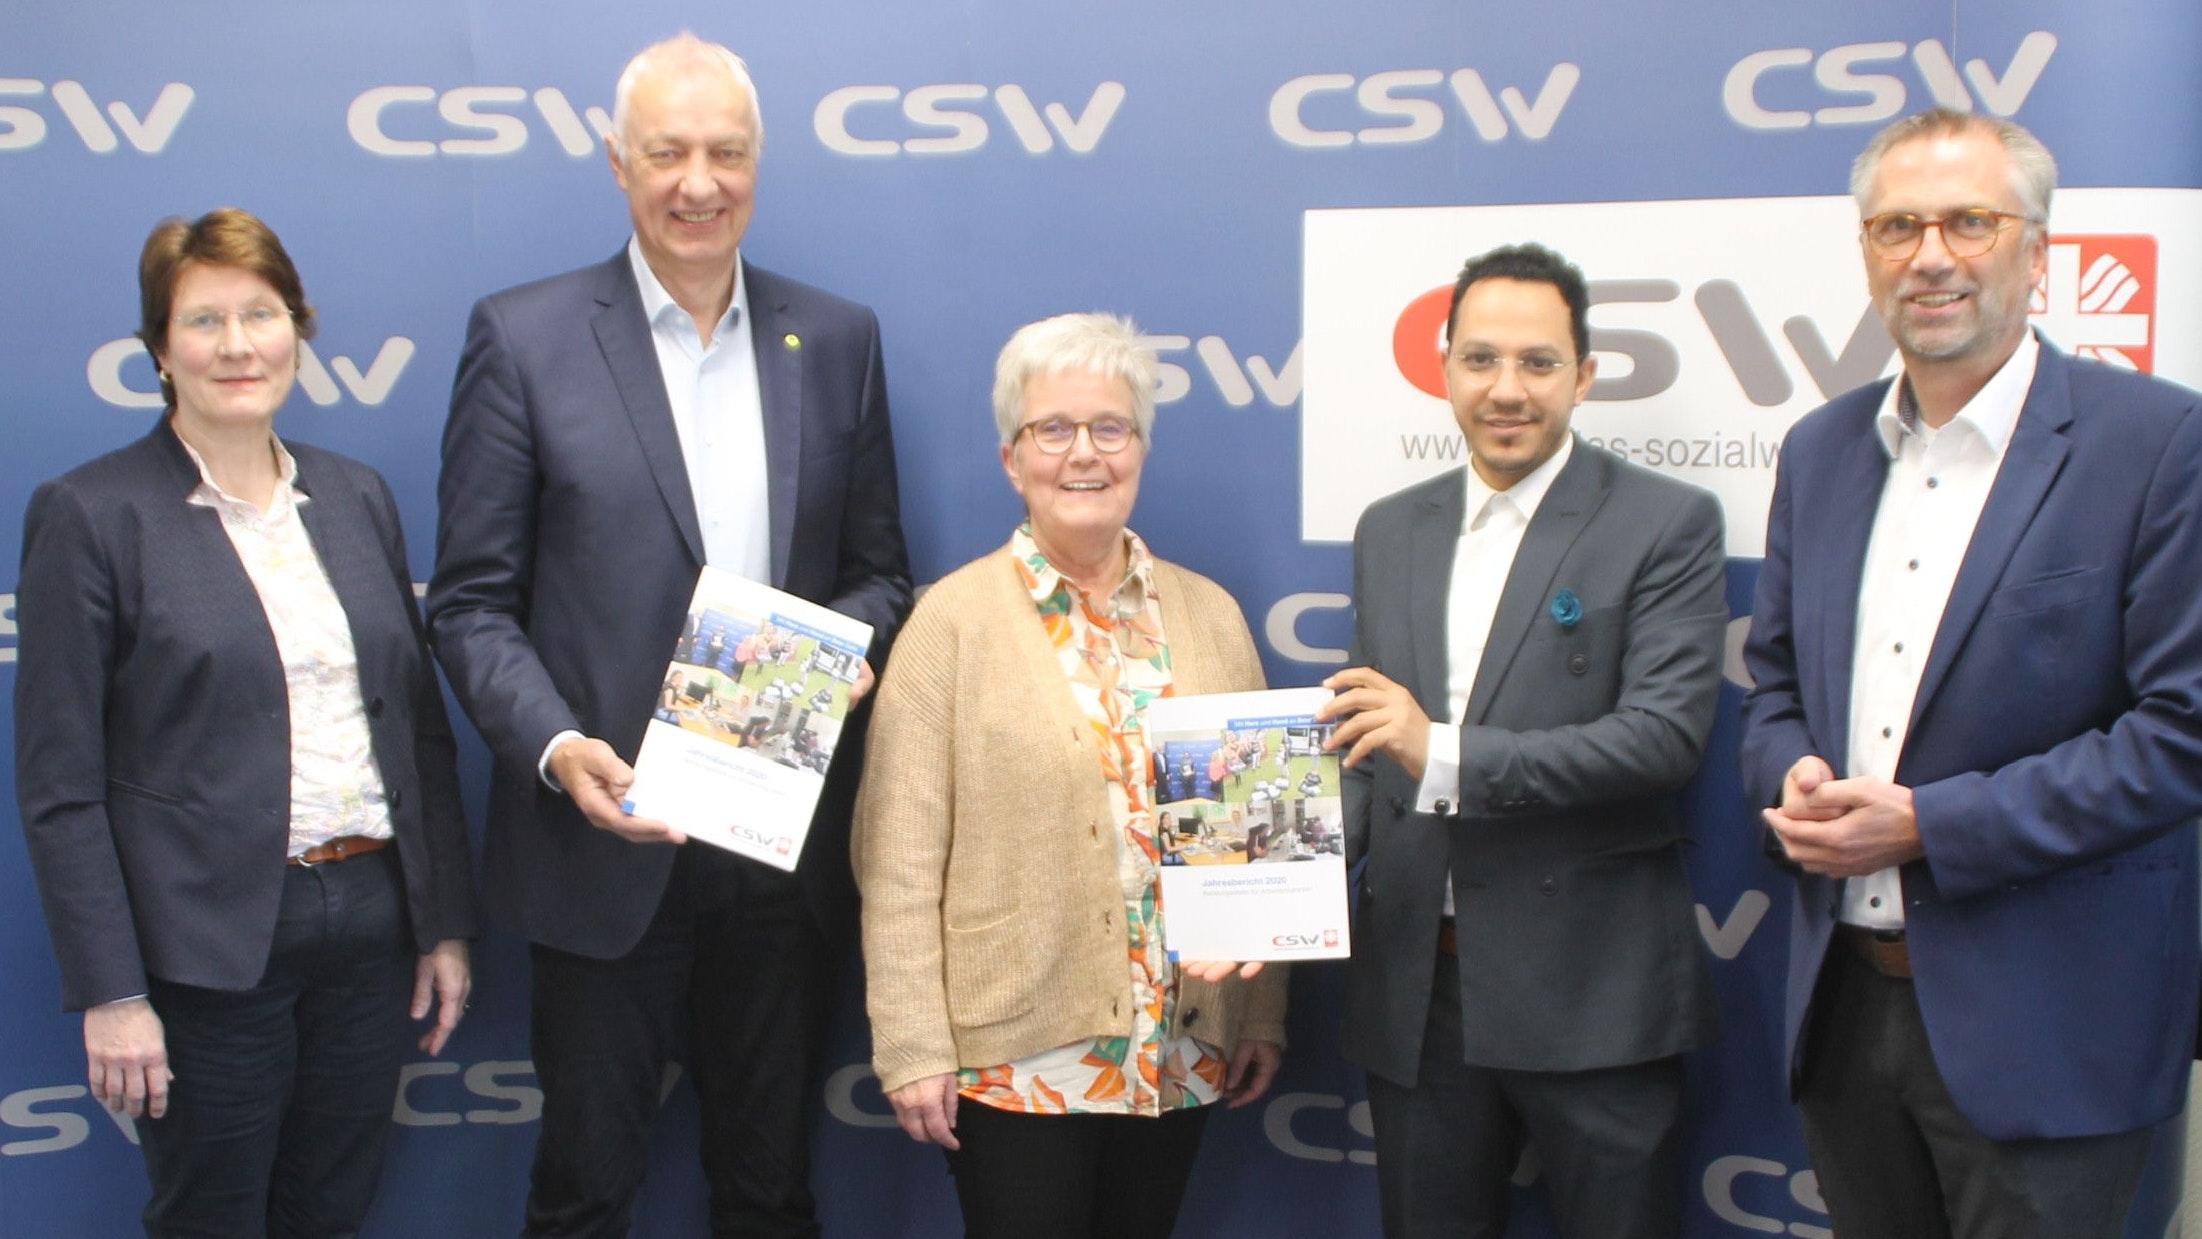 Stellten den Jahresbericht für das Jahr 2020 vor: Die Rechtsberatungsmitglieder Marcella Bohlke (von links),Josef Kleier, Elisabeth Vodde-Börgerding, Belal Elsayed sowie CSW-Vorstandsvorsitzender Heribert Mählmann. Foto: Kessen